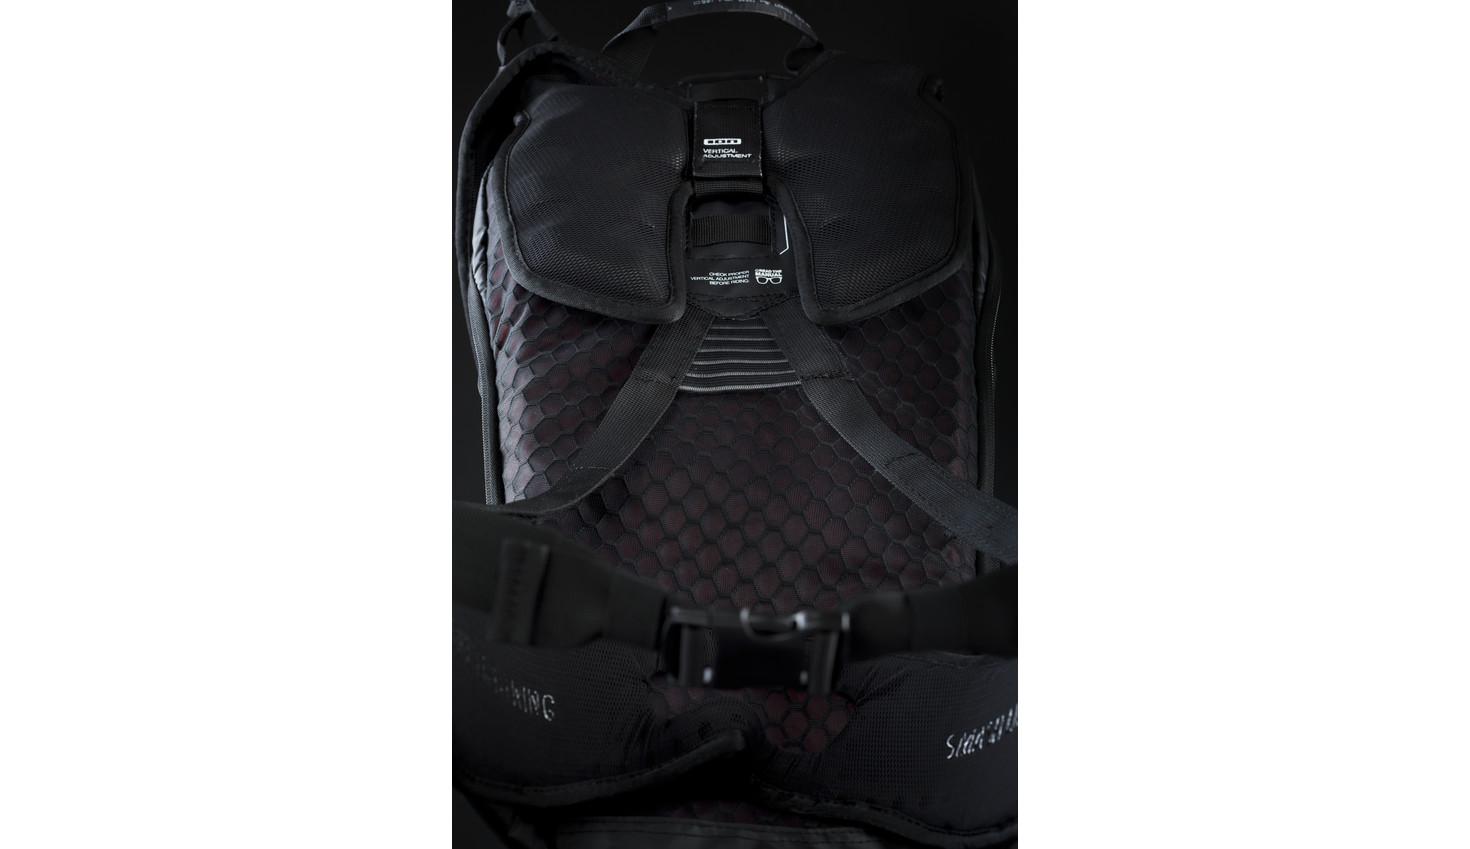 Bergauf=Rucksack wird vom Rücken entfernt. Bessere Luftzirkulation.